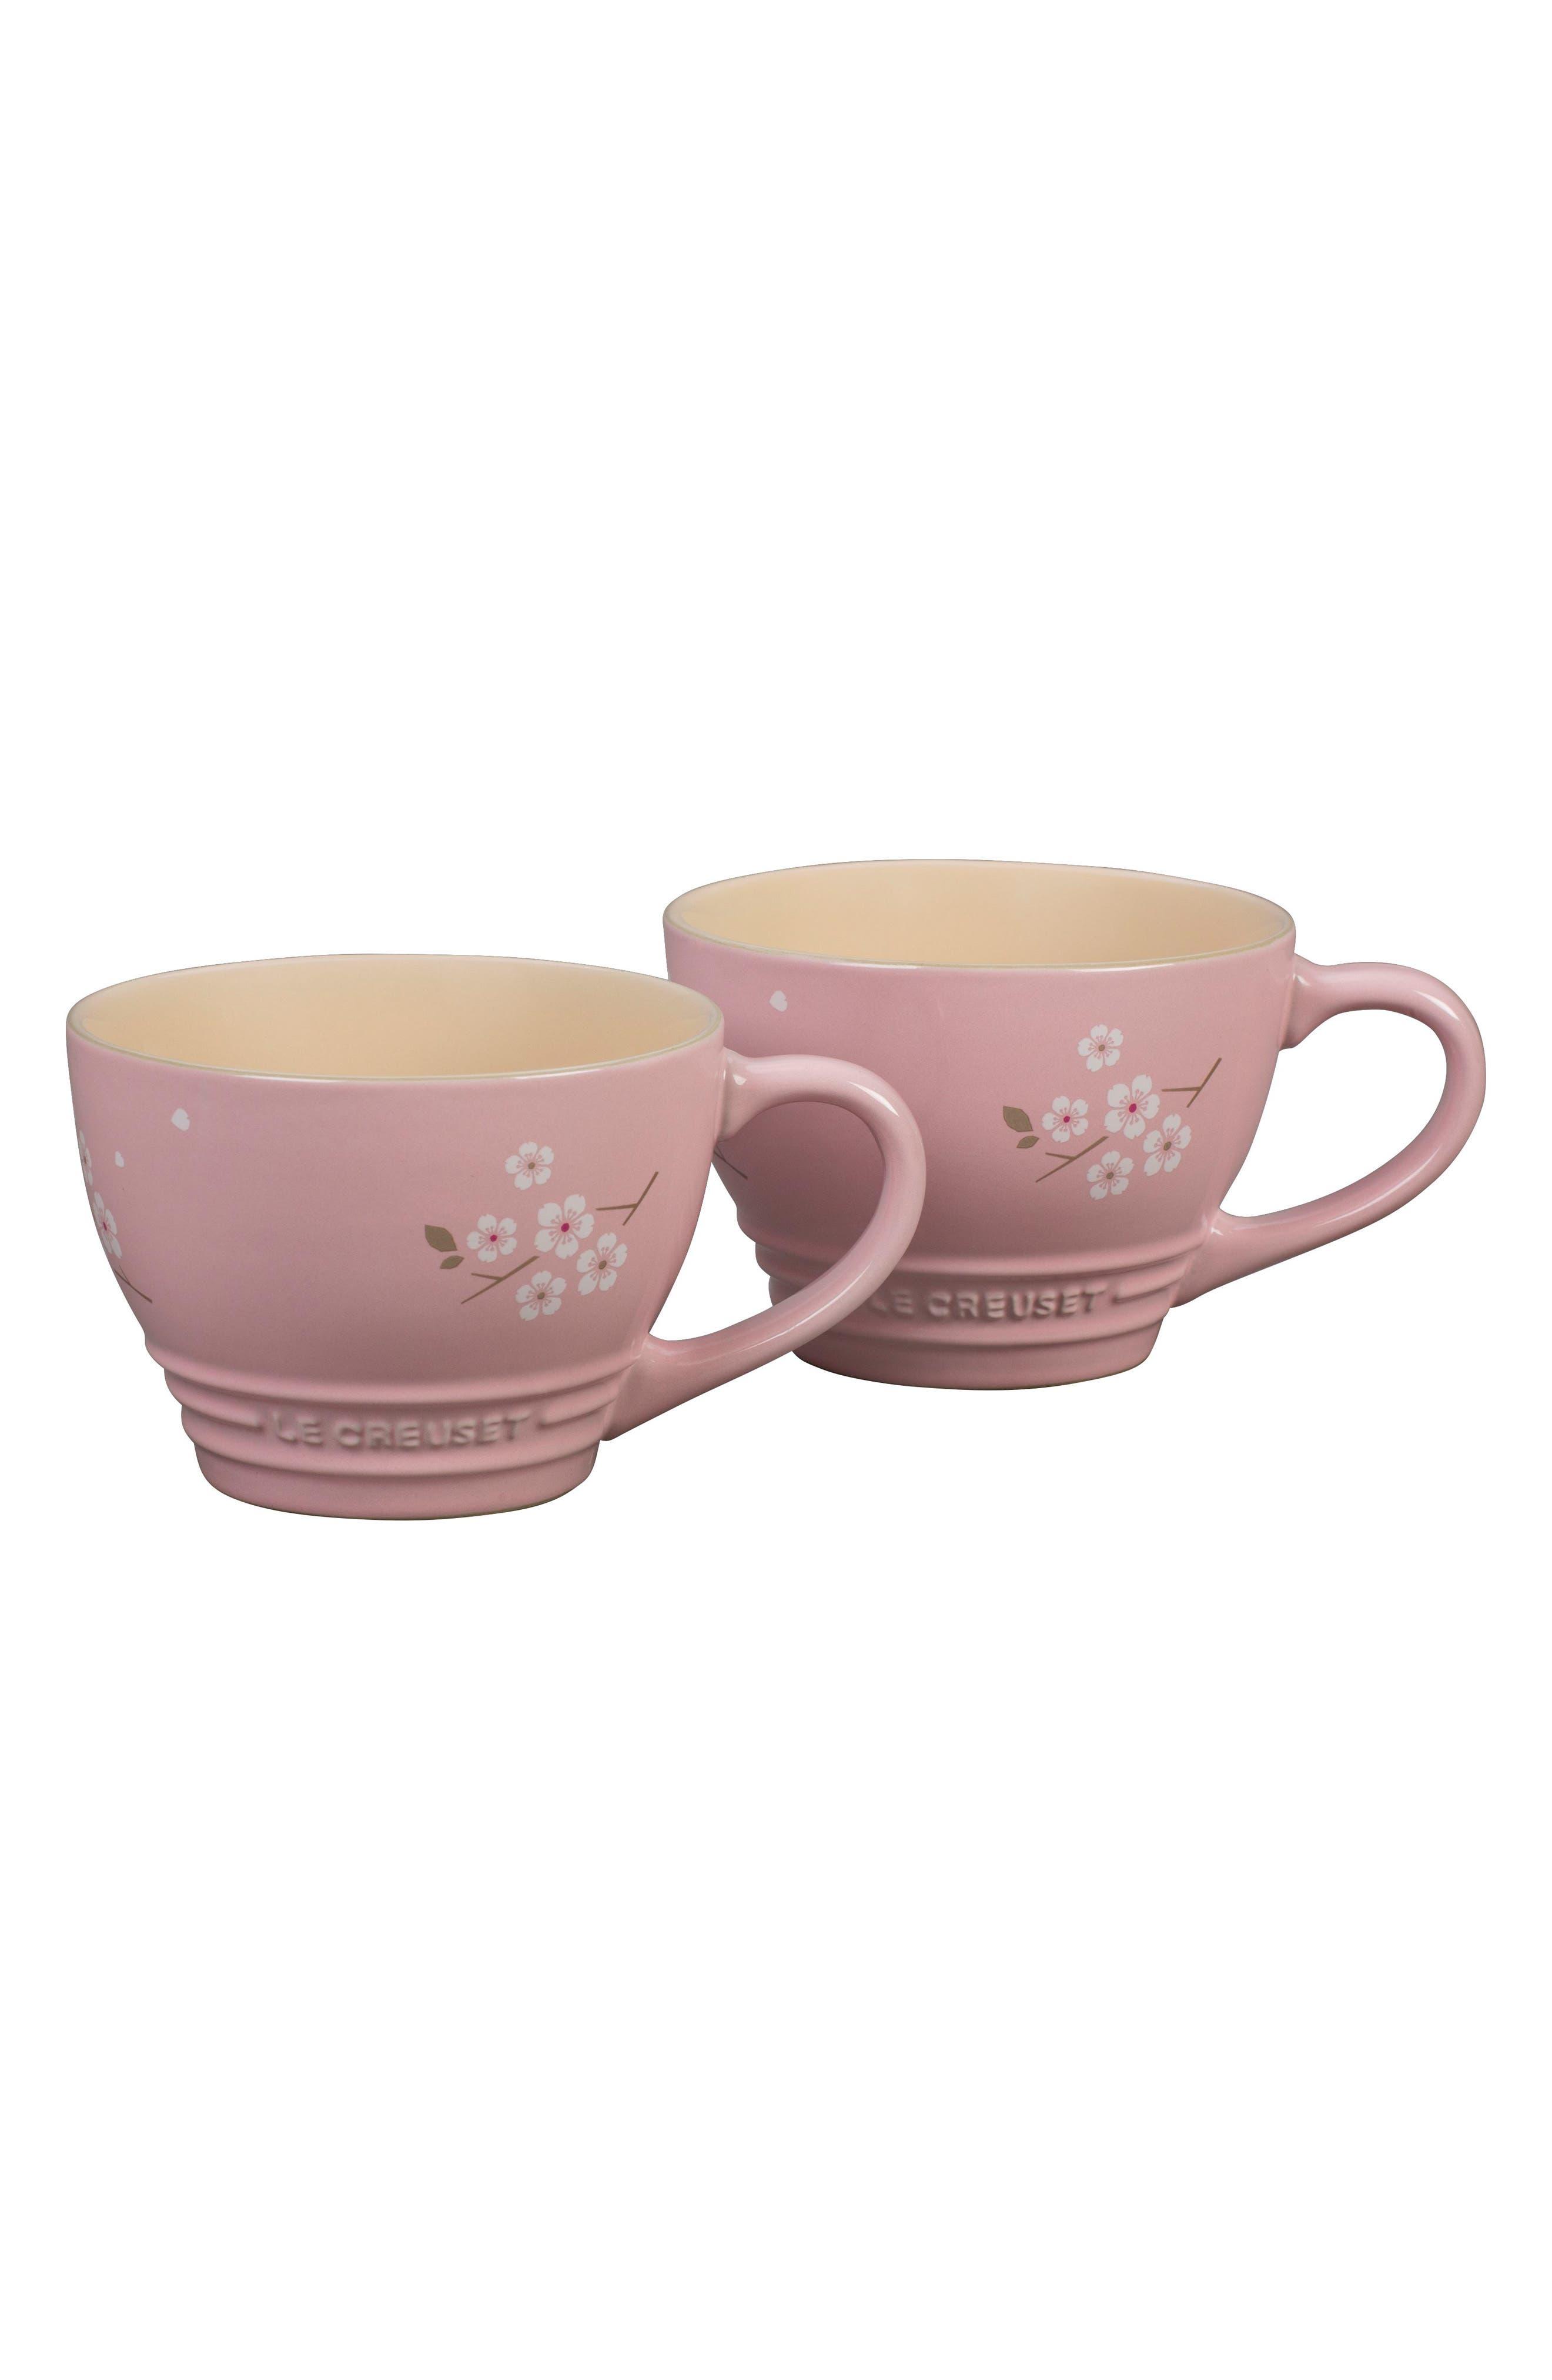 Le Creuset Sakura Set of 2 Stoneware Bistro Mugs